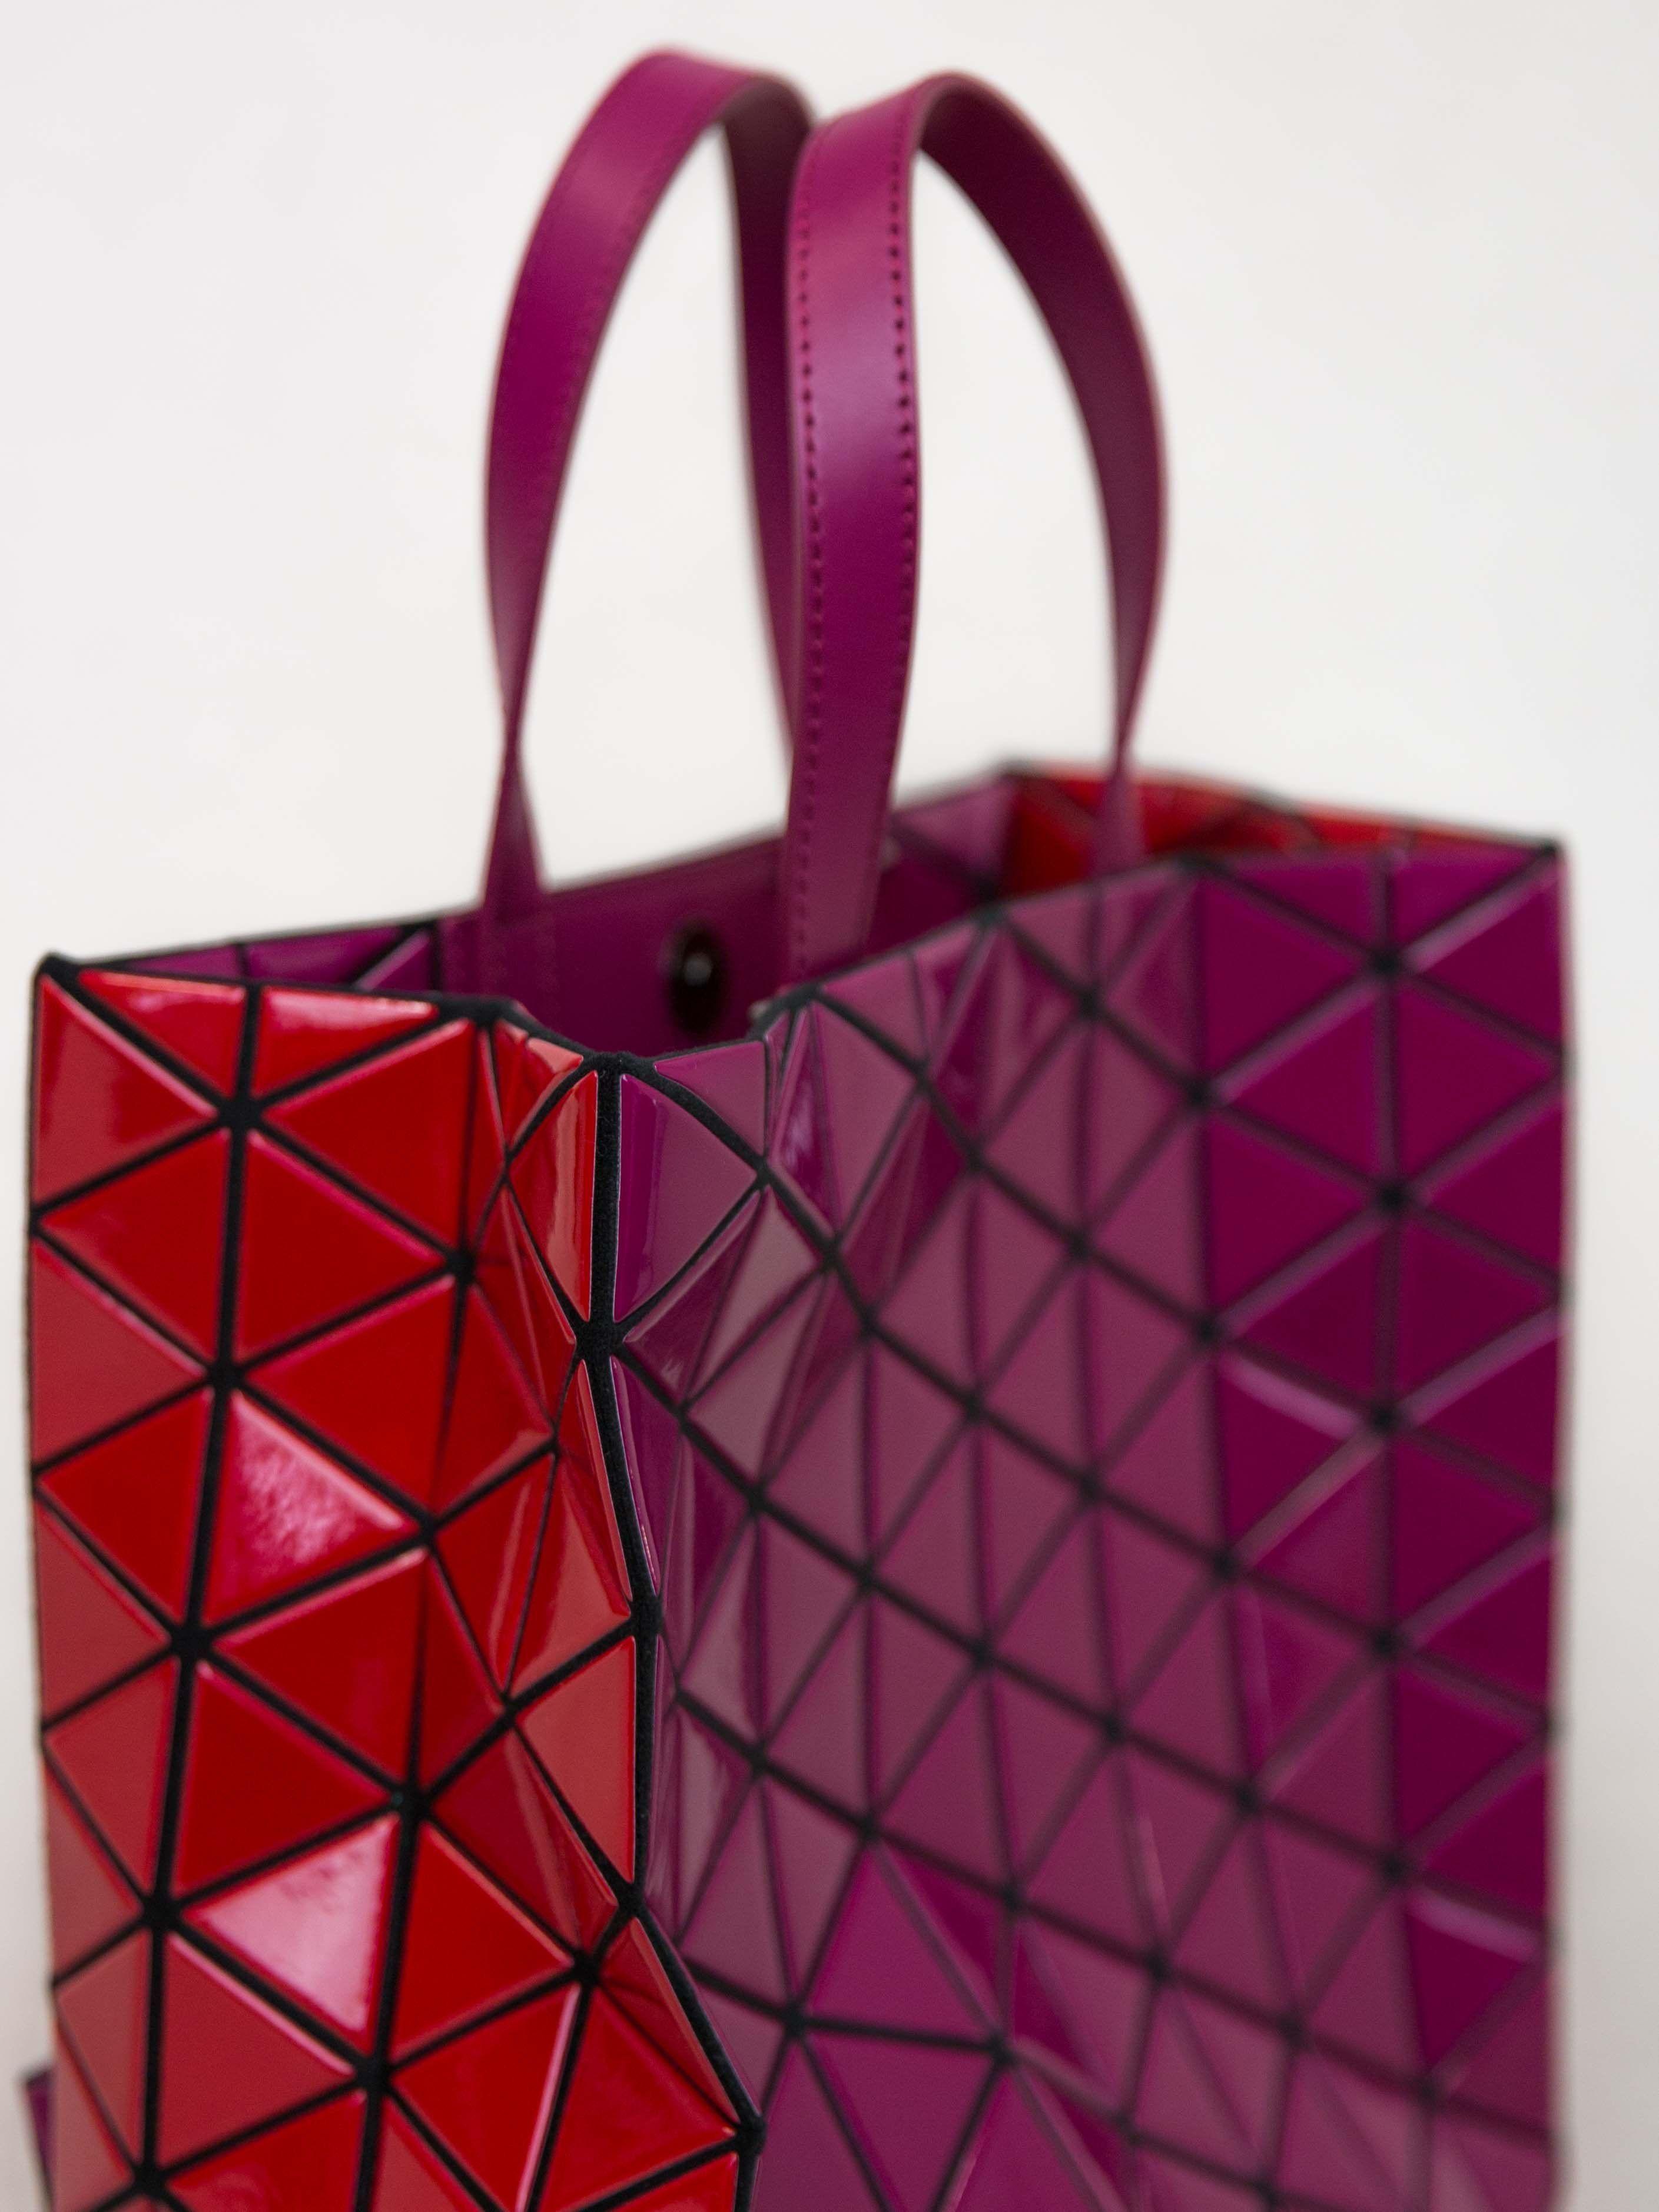 BAO BAO ISSEY MIYAKE Brick Bi-Colour Tote Bag  b42dafbd9e0ca